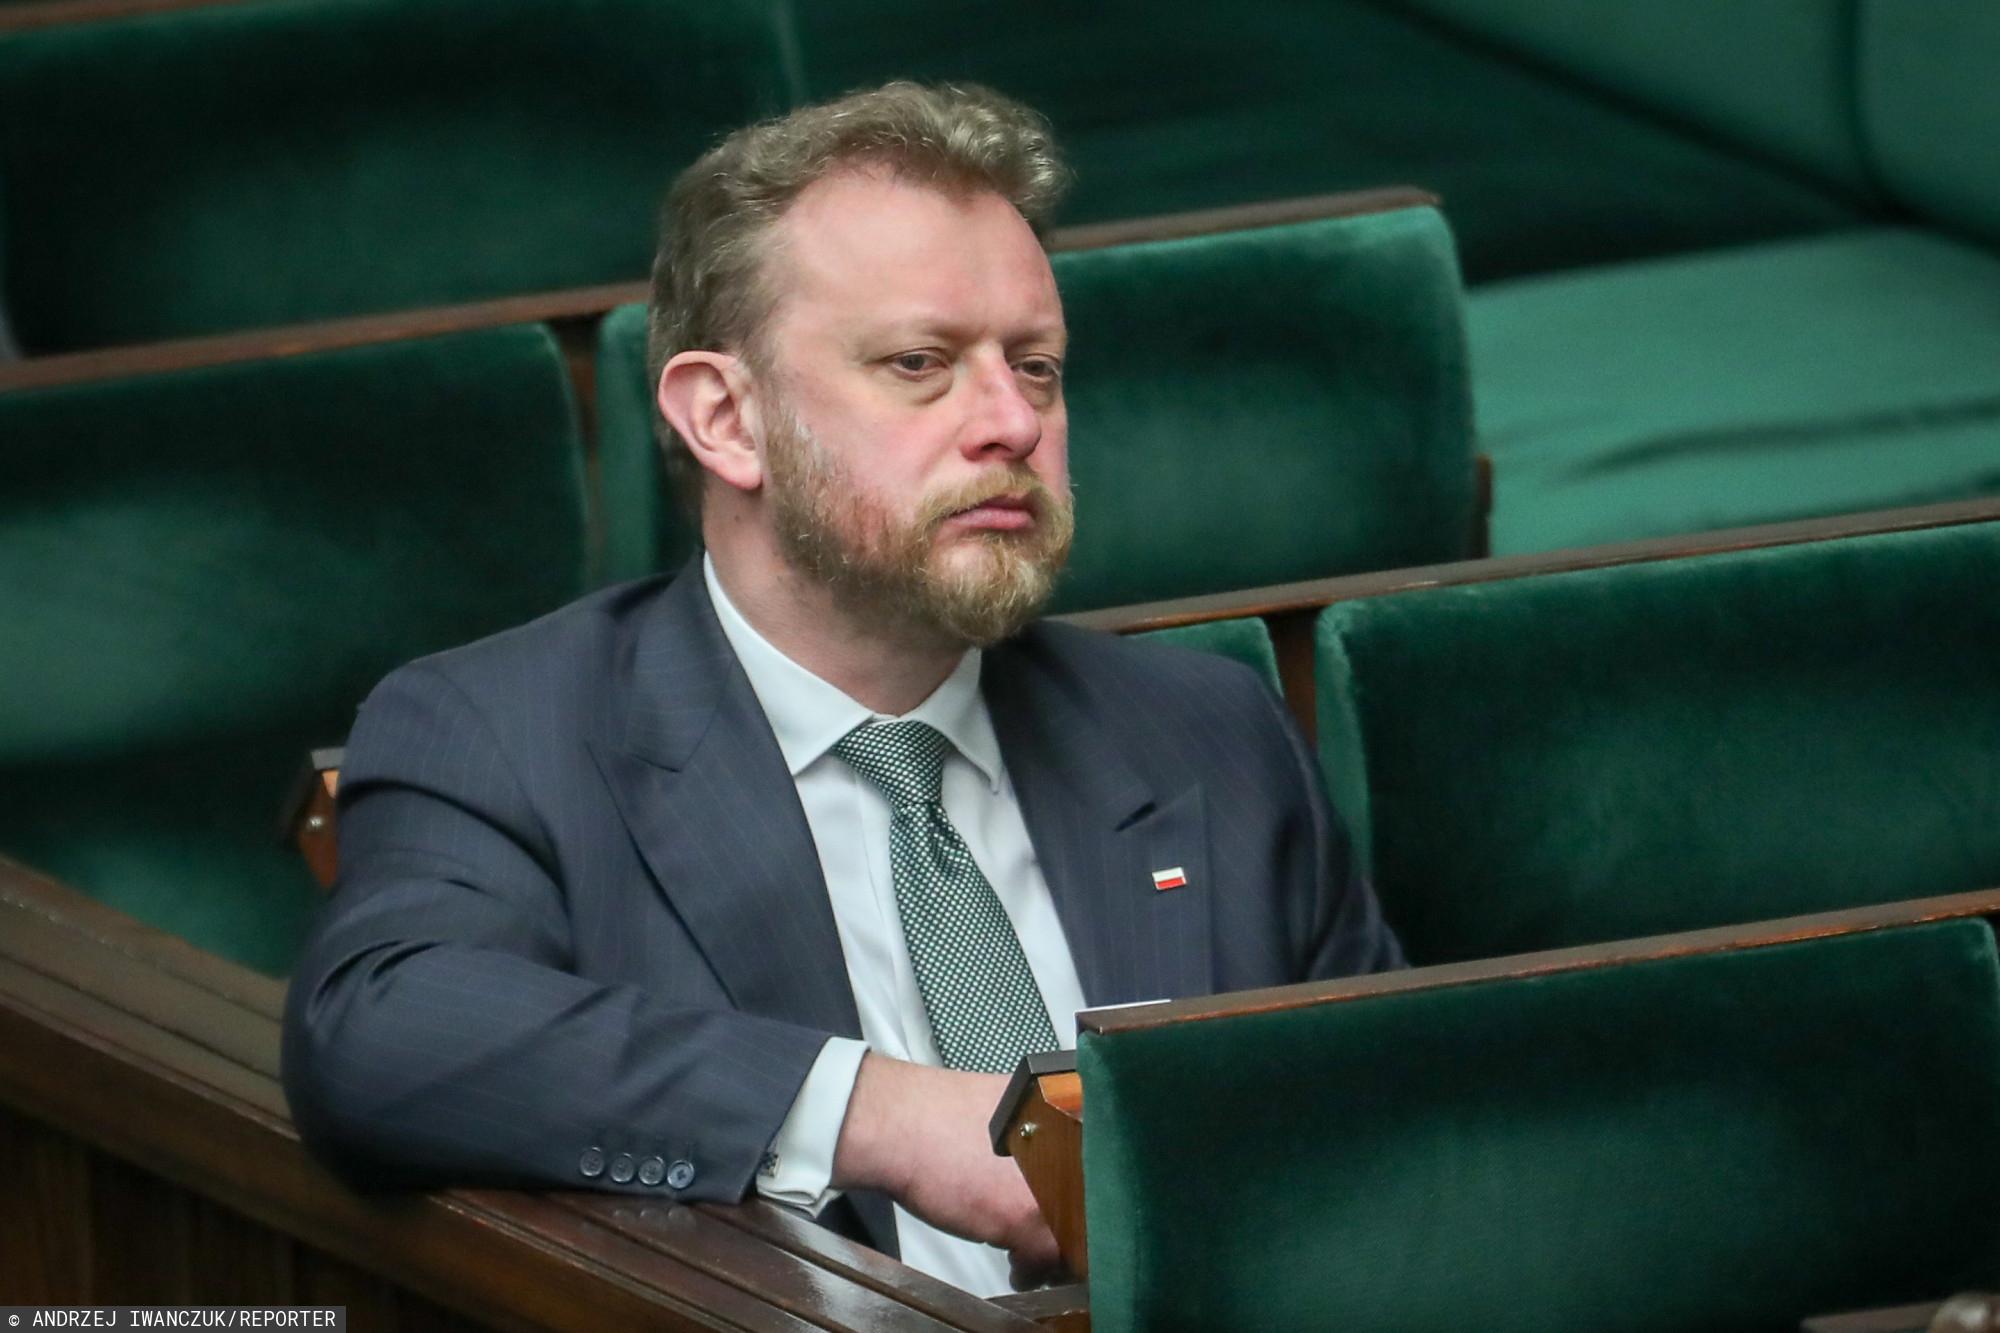 """Łukasz Szumowski: """"Patrzę na polityków w Sejmie i bogatych ludzi nie widziałem"""""""